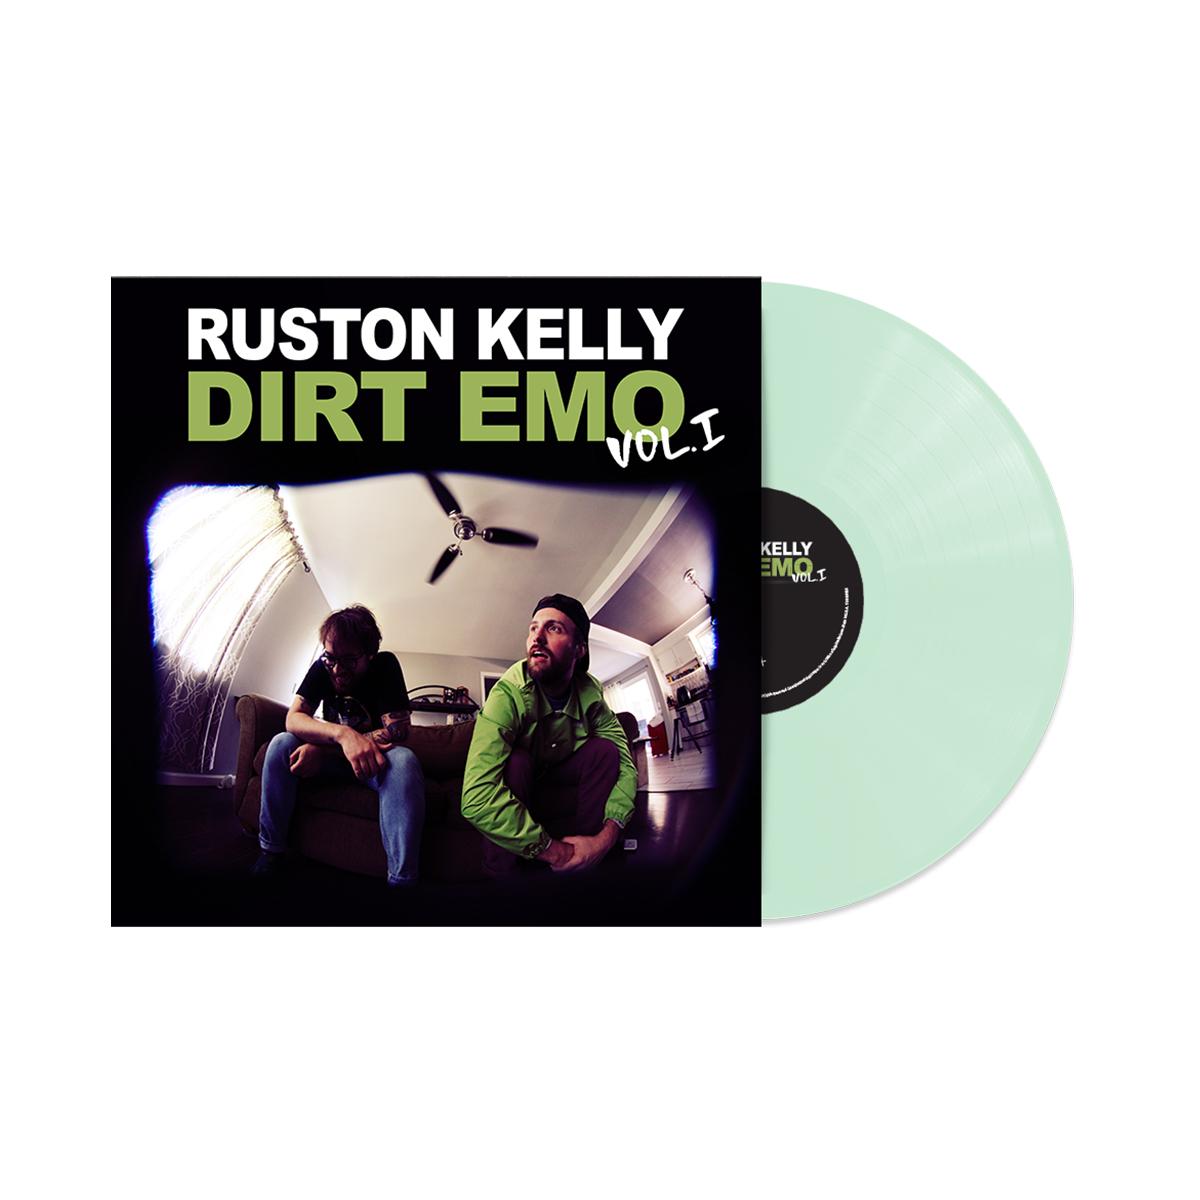 Dirt Emo Pink Hoodie + Dirt Emo Vol 1. Glow-in-the-dark Vinyl or Download (optional)